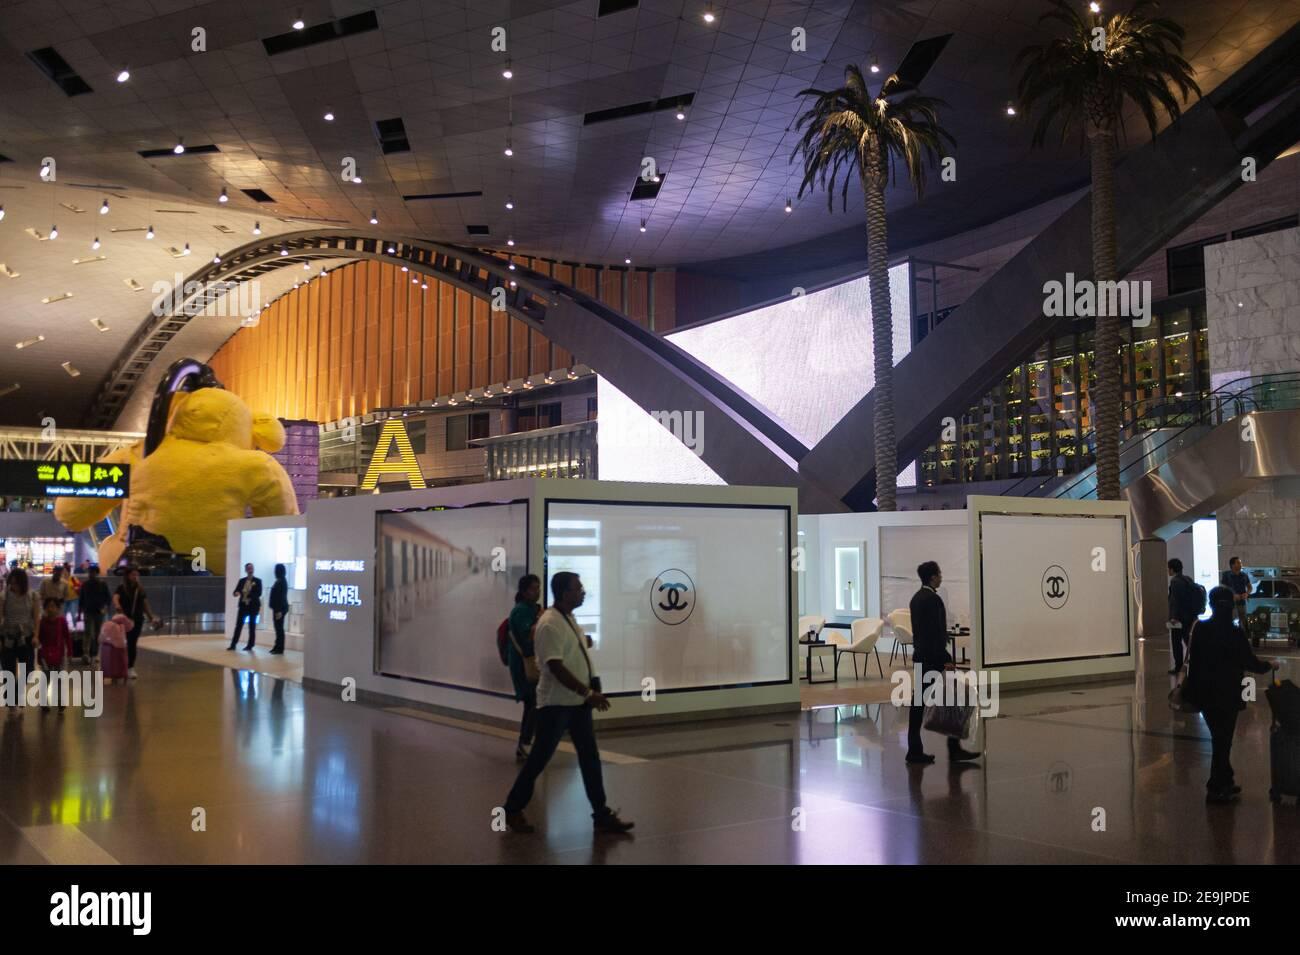 27.06.2019, Doha, Qatar, Asie - vue intérieure du nouveau terminal de l'aéroport international de Hamad. Banque D'Images